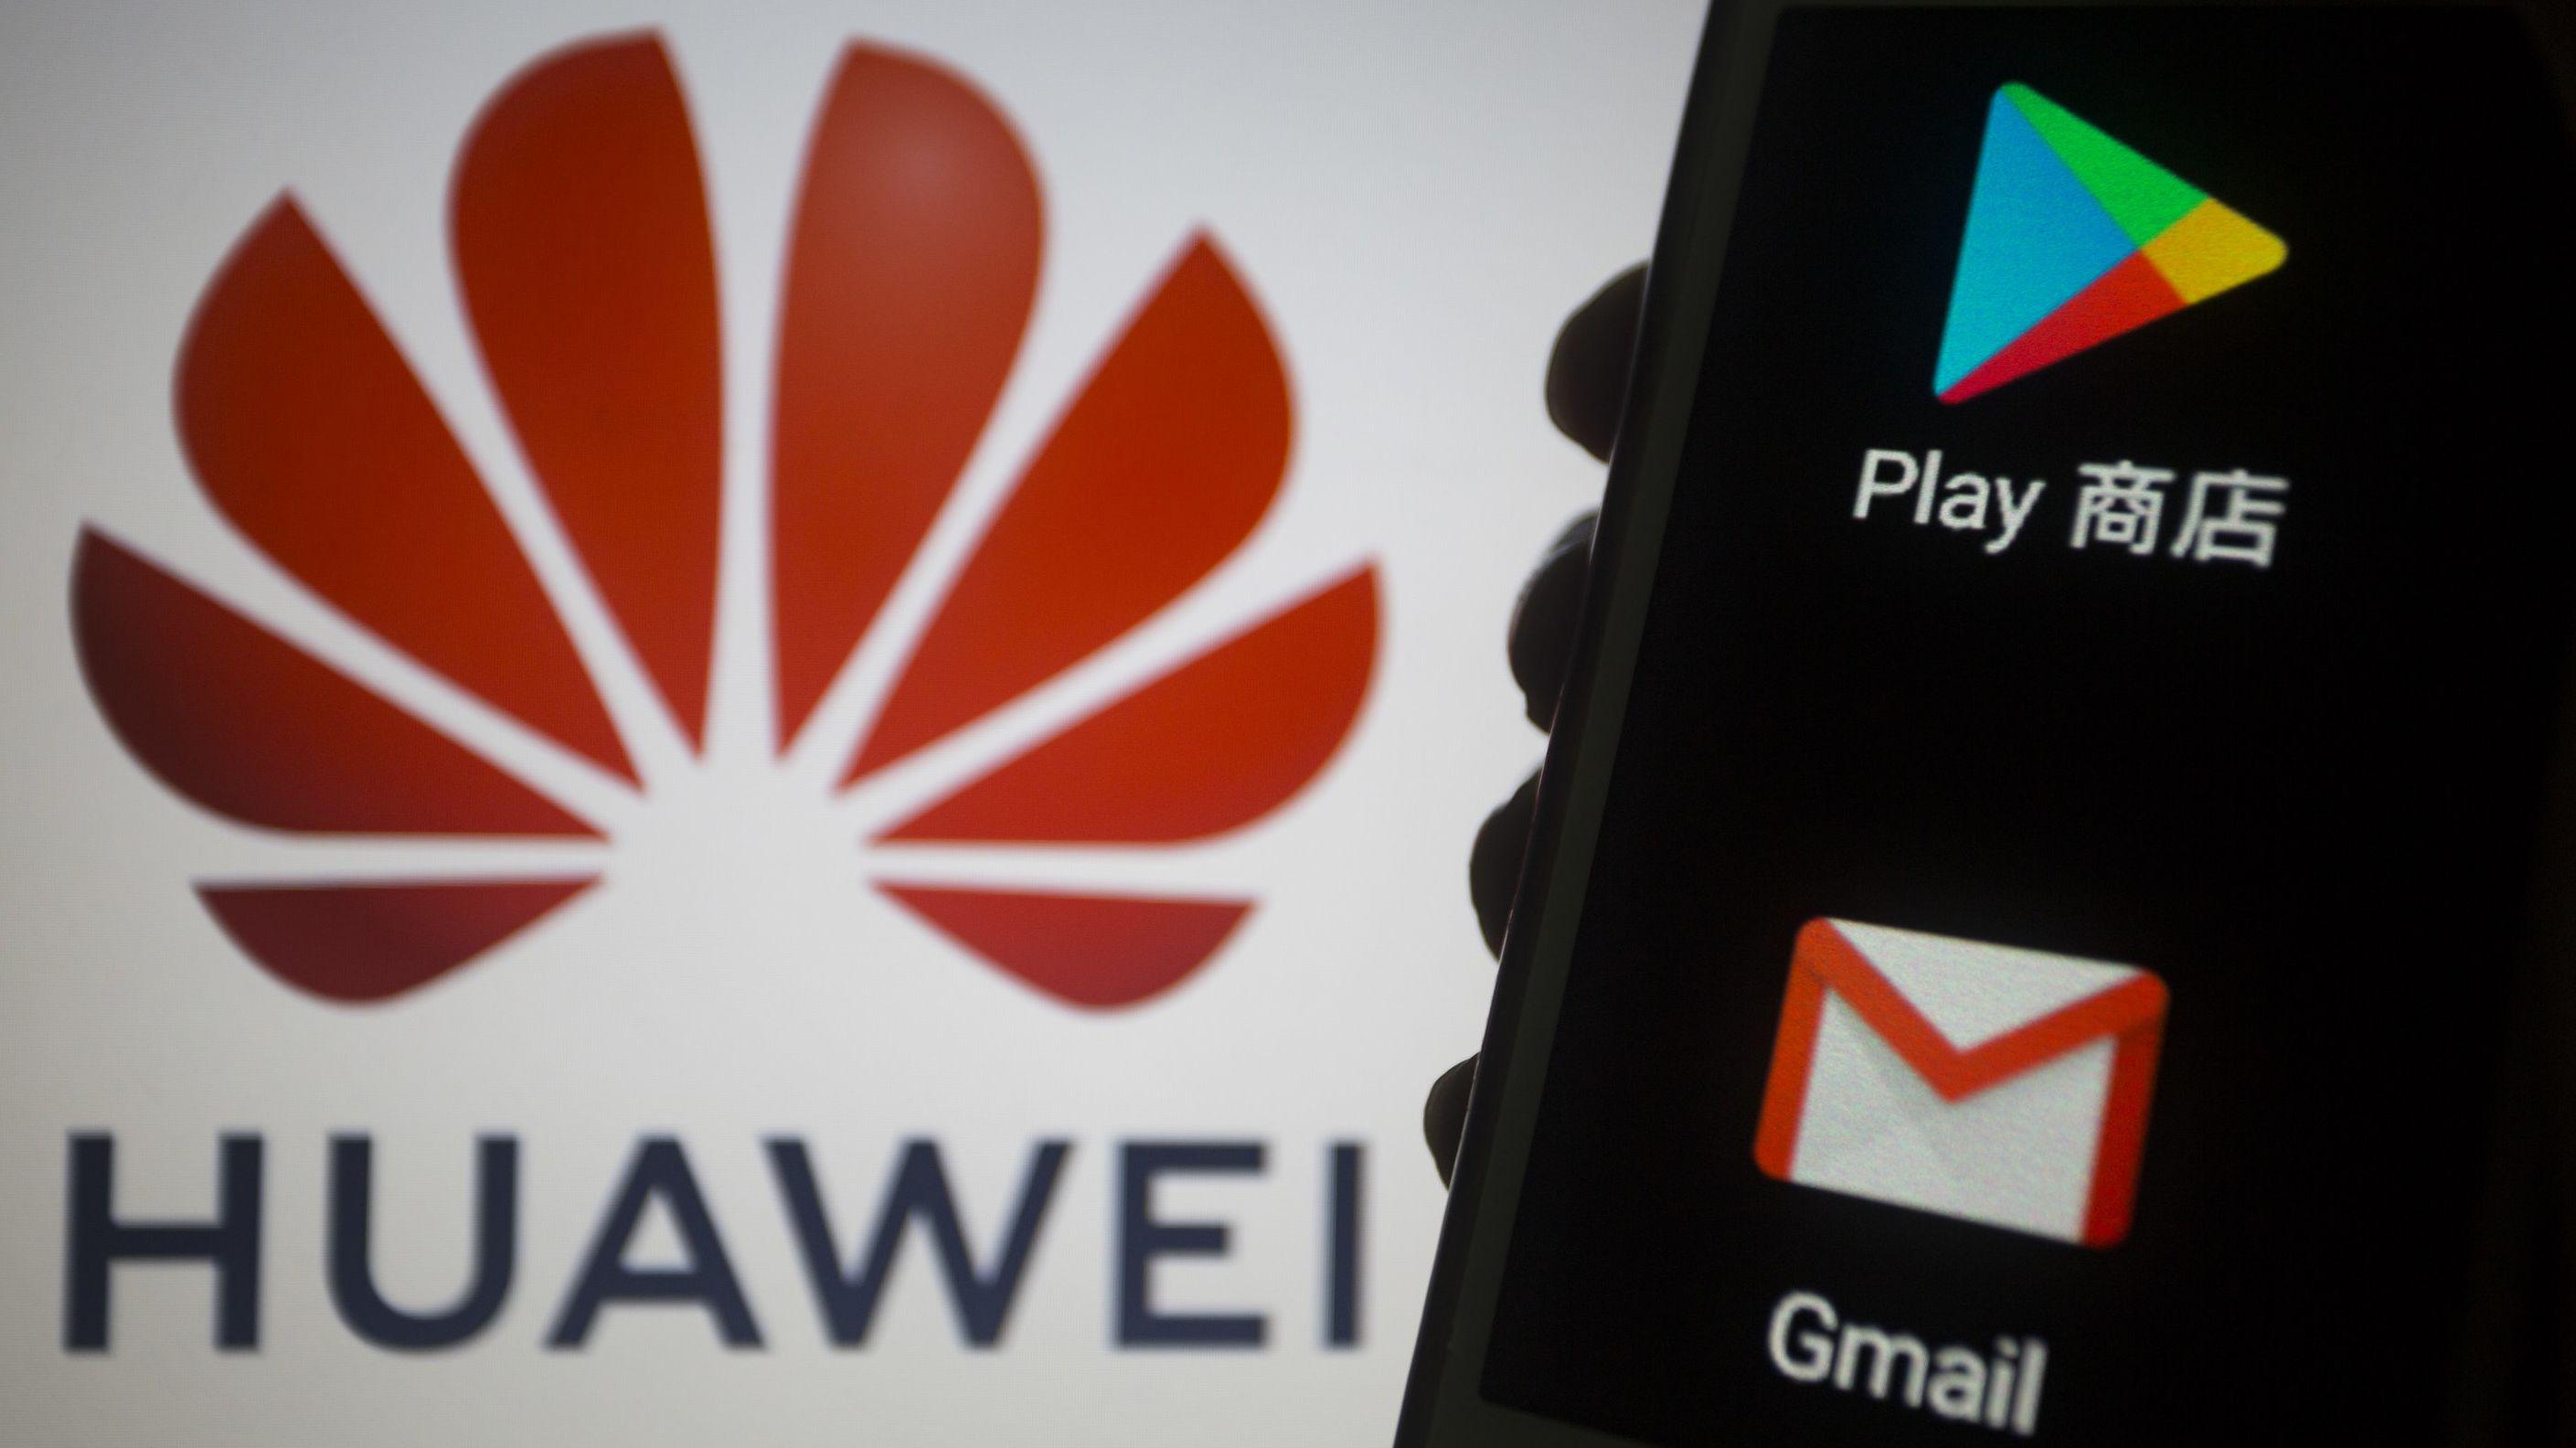 Google garantiert die Updates seines Betriebssystems Android nicht mehr für Huawei-Smartphones.